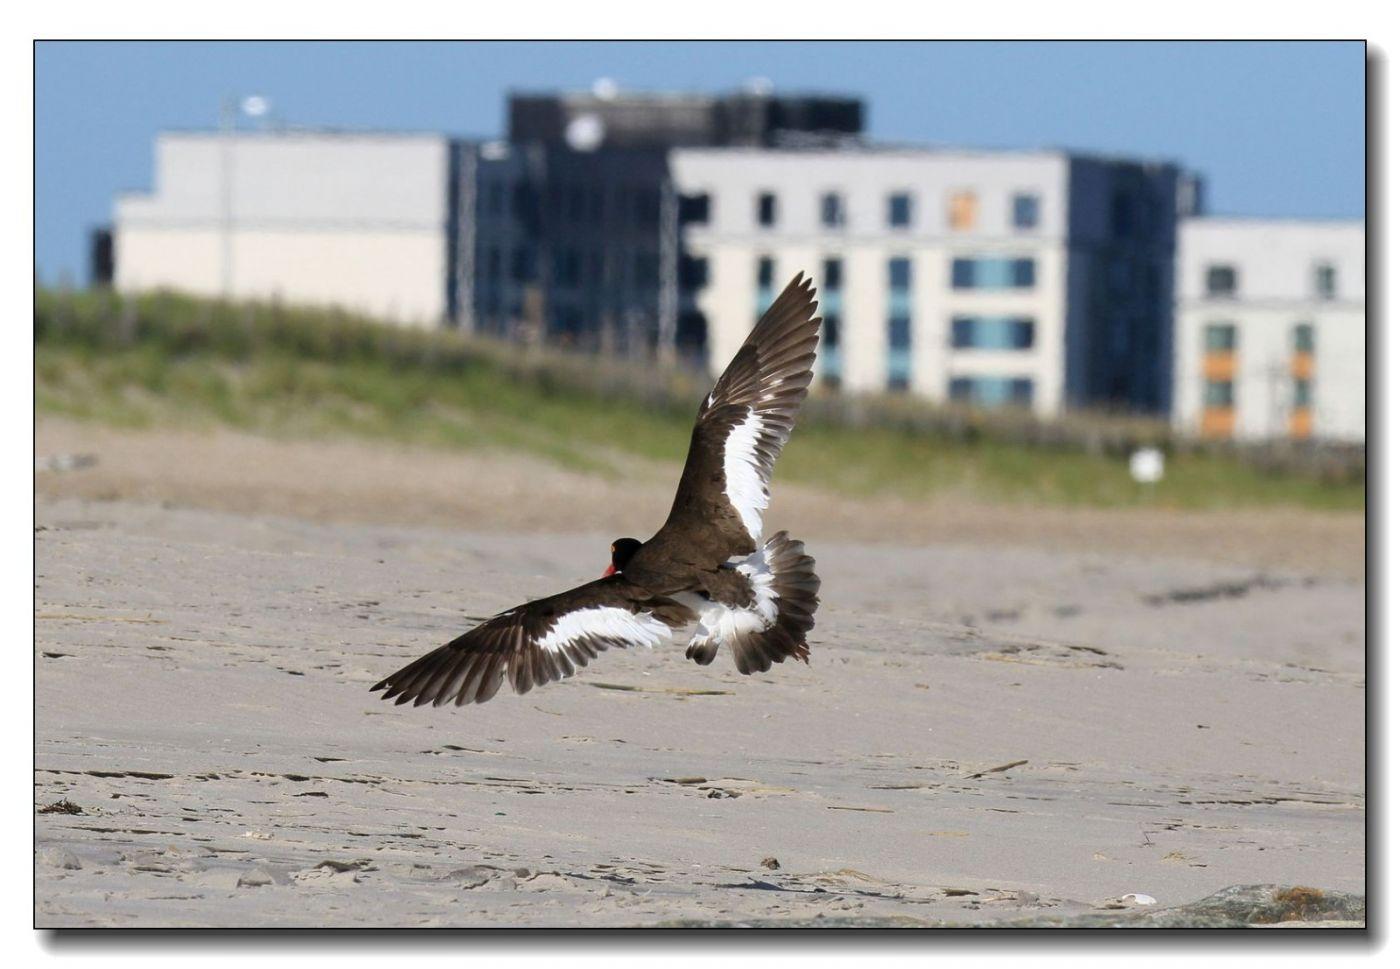 洛克威海滩拍鸟—励鹬_图1-18